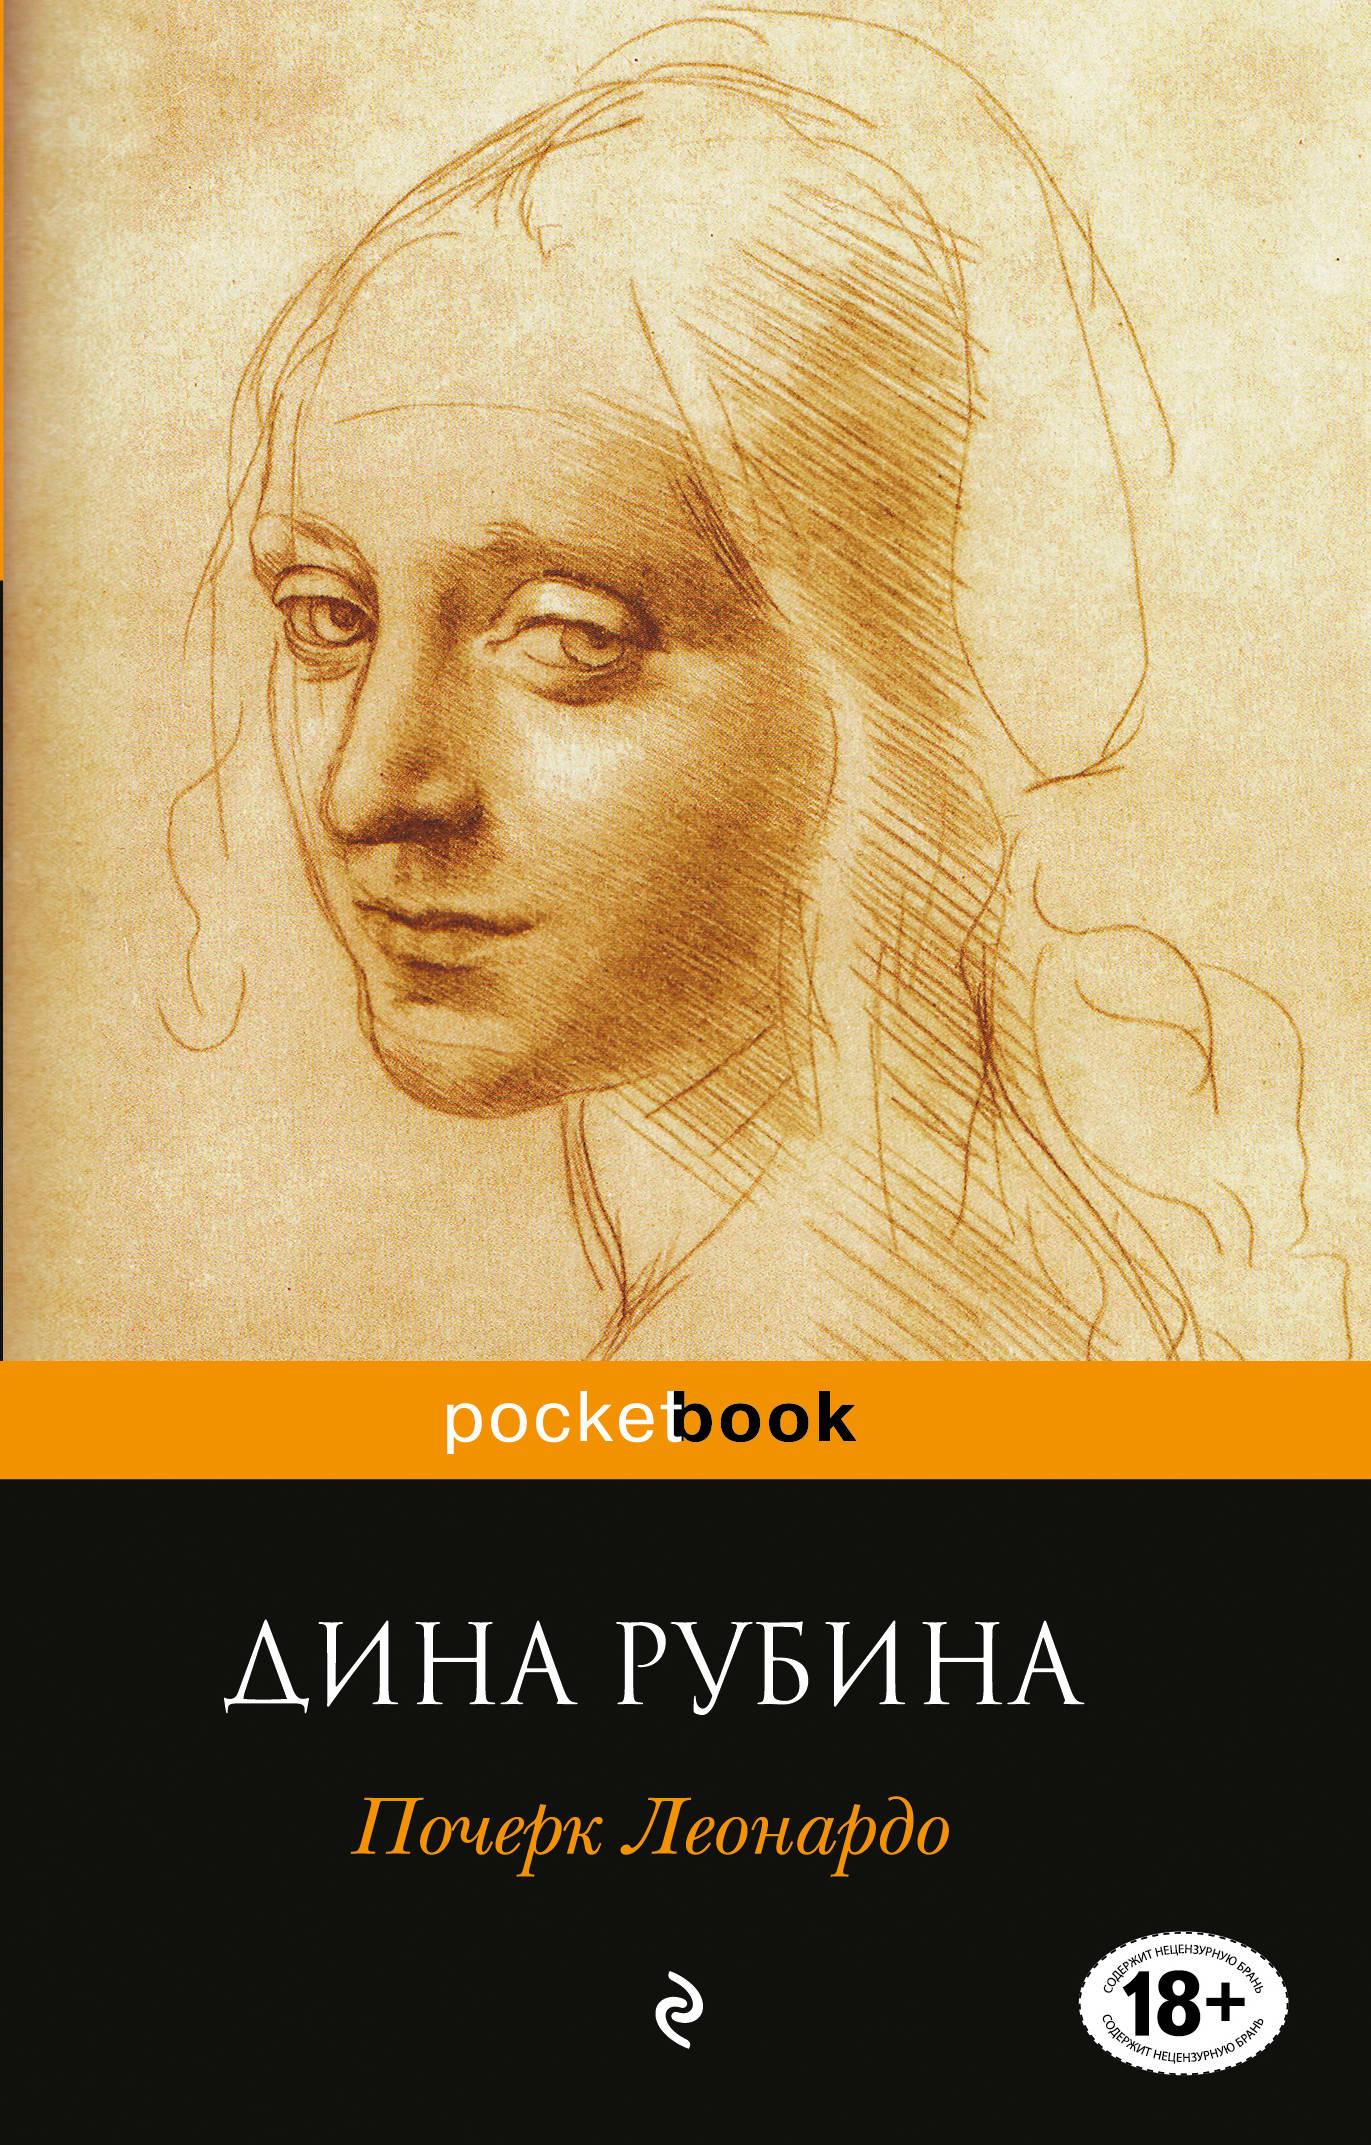 Дина Рубина «Почерк Леонардо»